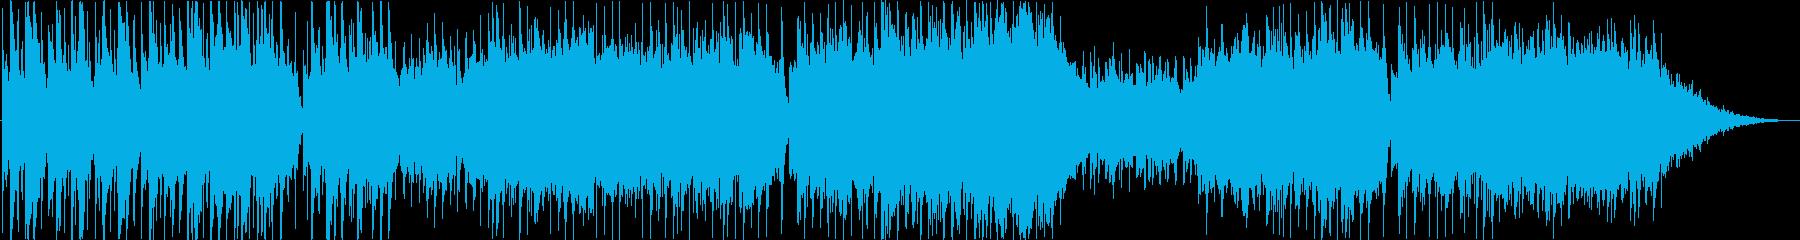 ザ・ラスト・ローズ・オブ・サマー庭の千草の再生済みの波形